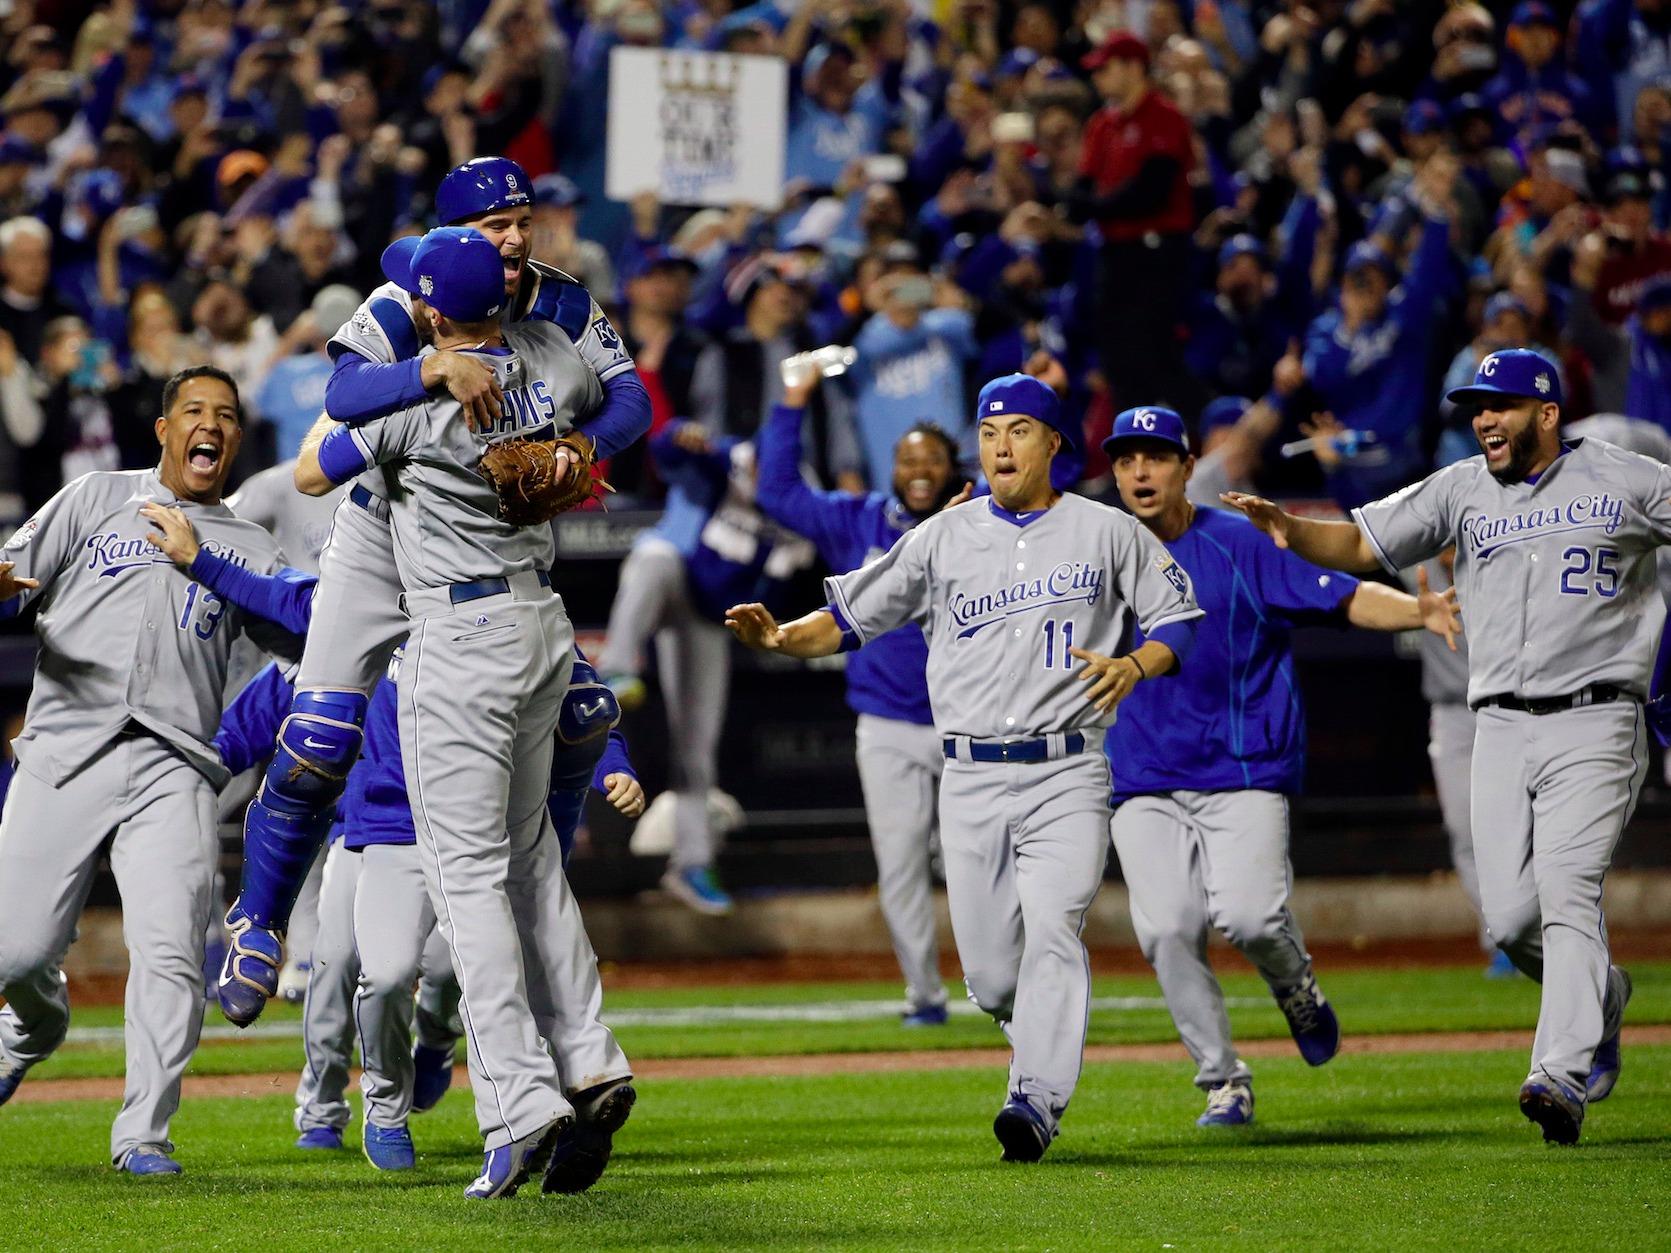 Kansas City Royals win World Series   Business Insider 1671x1253